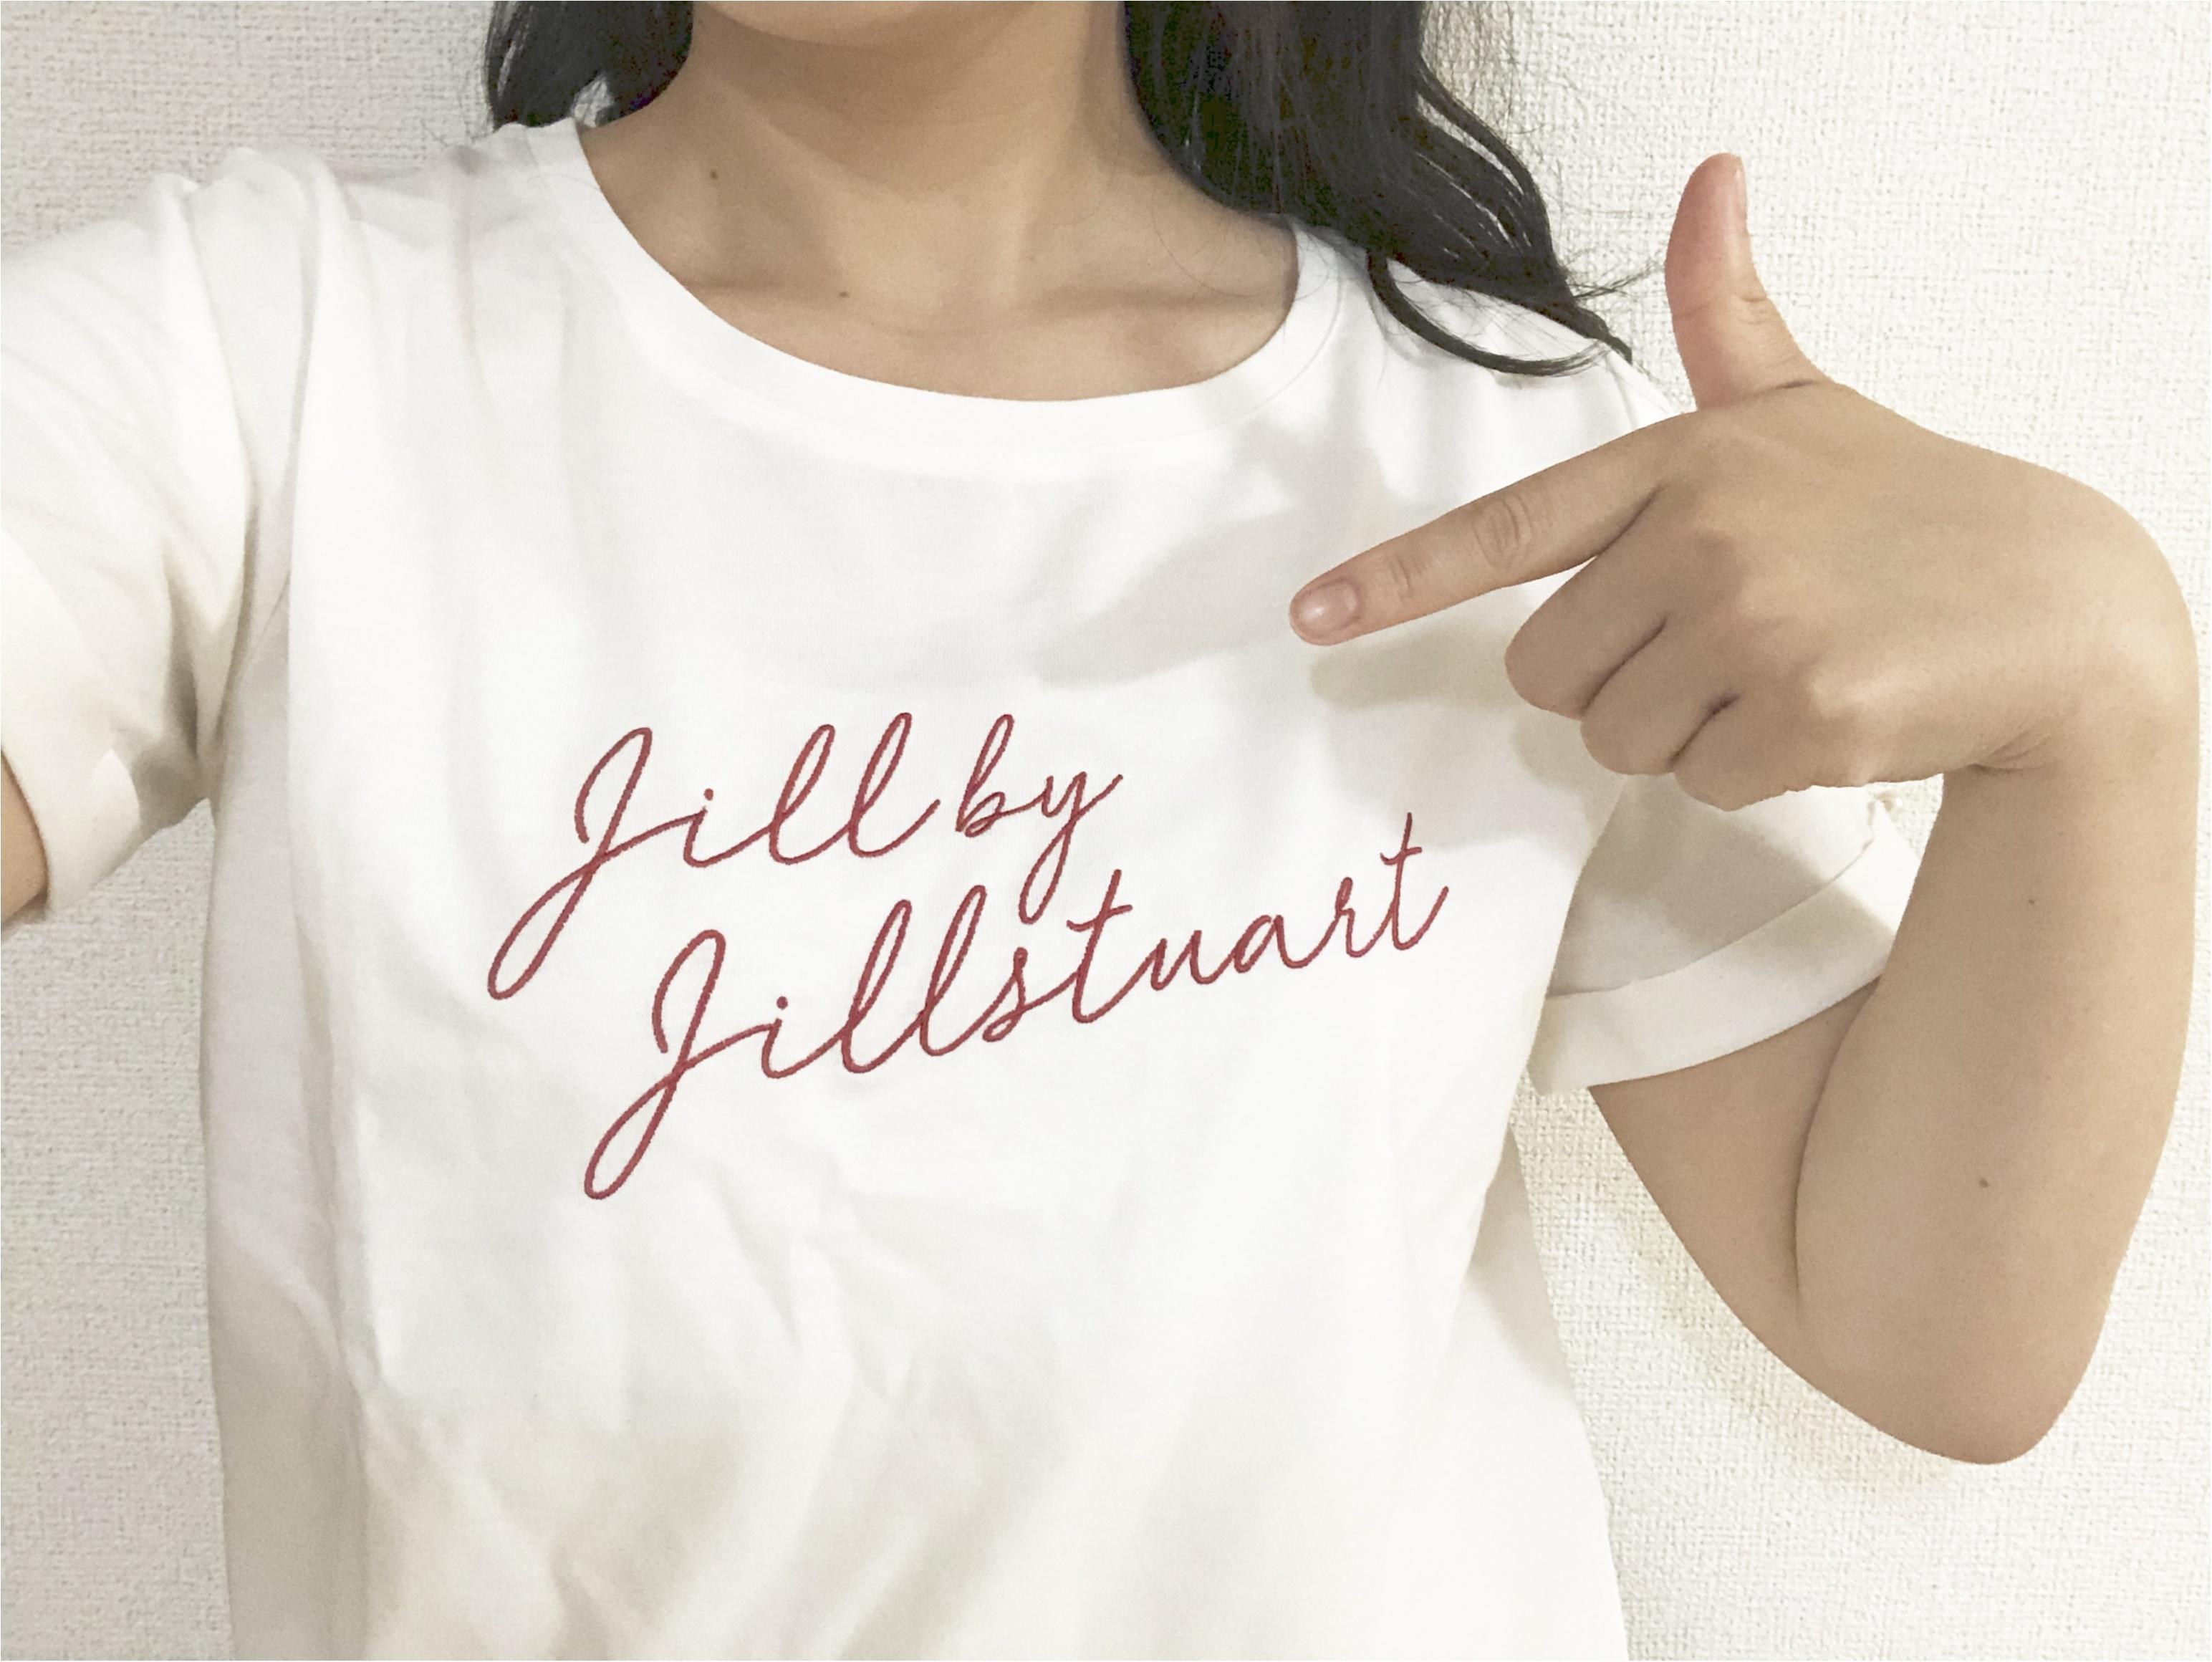 今年はシンプルロゴTシャツがキテる!夏のお出かけコーデもこれで決まり!!_1